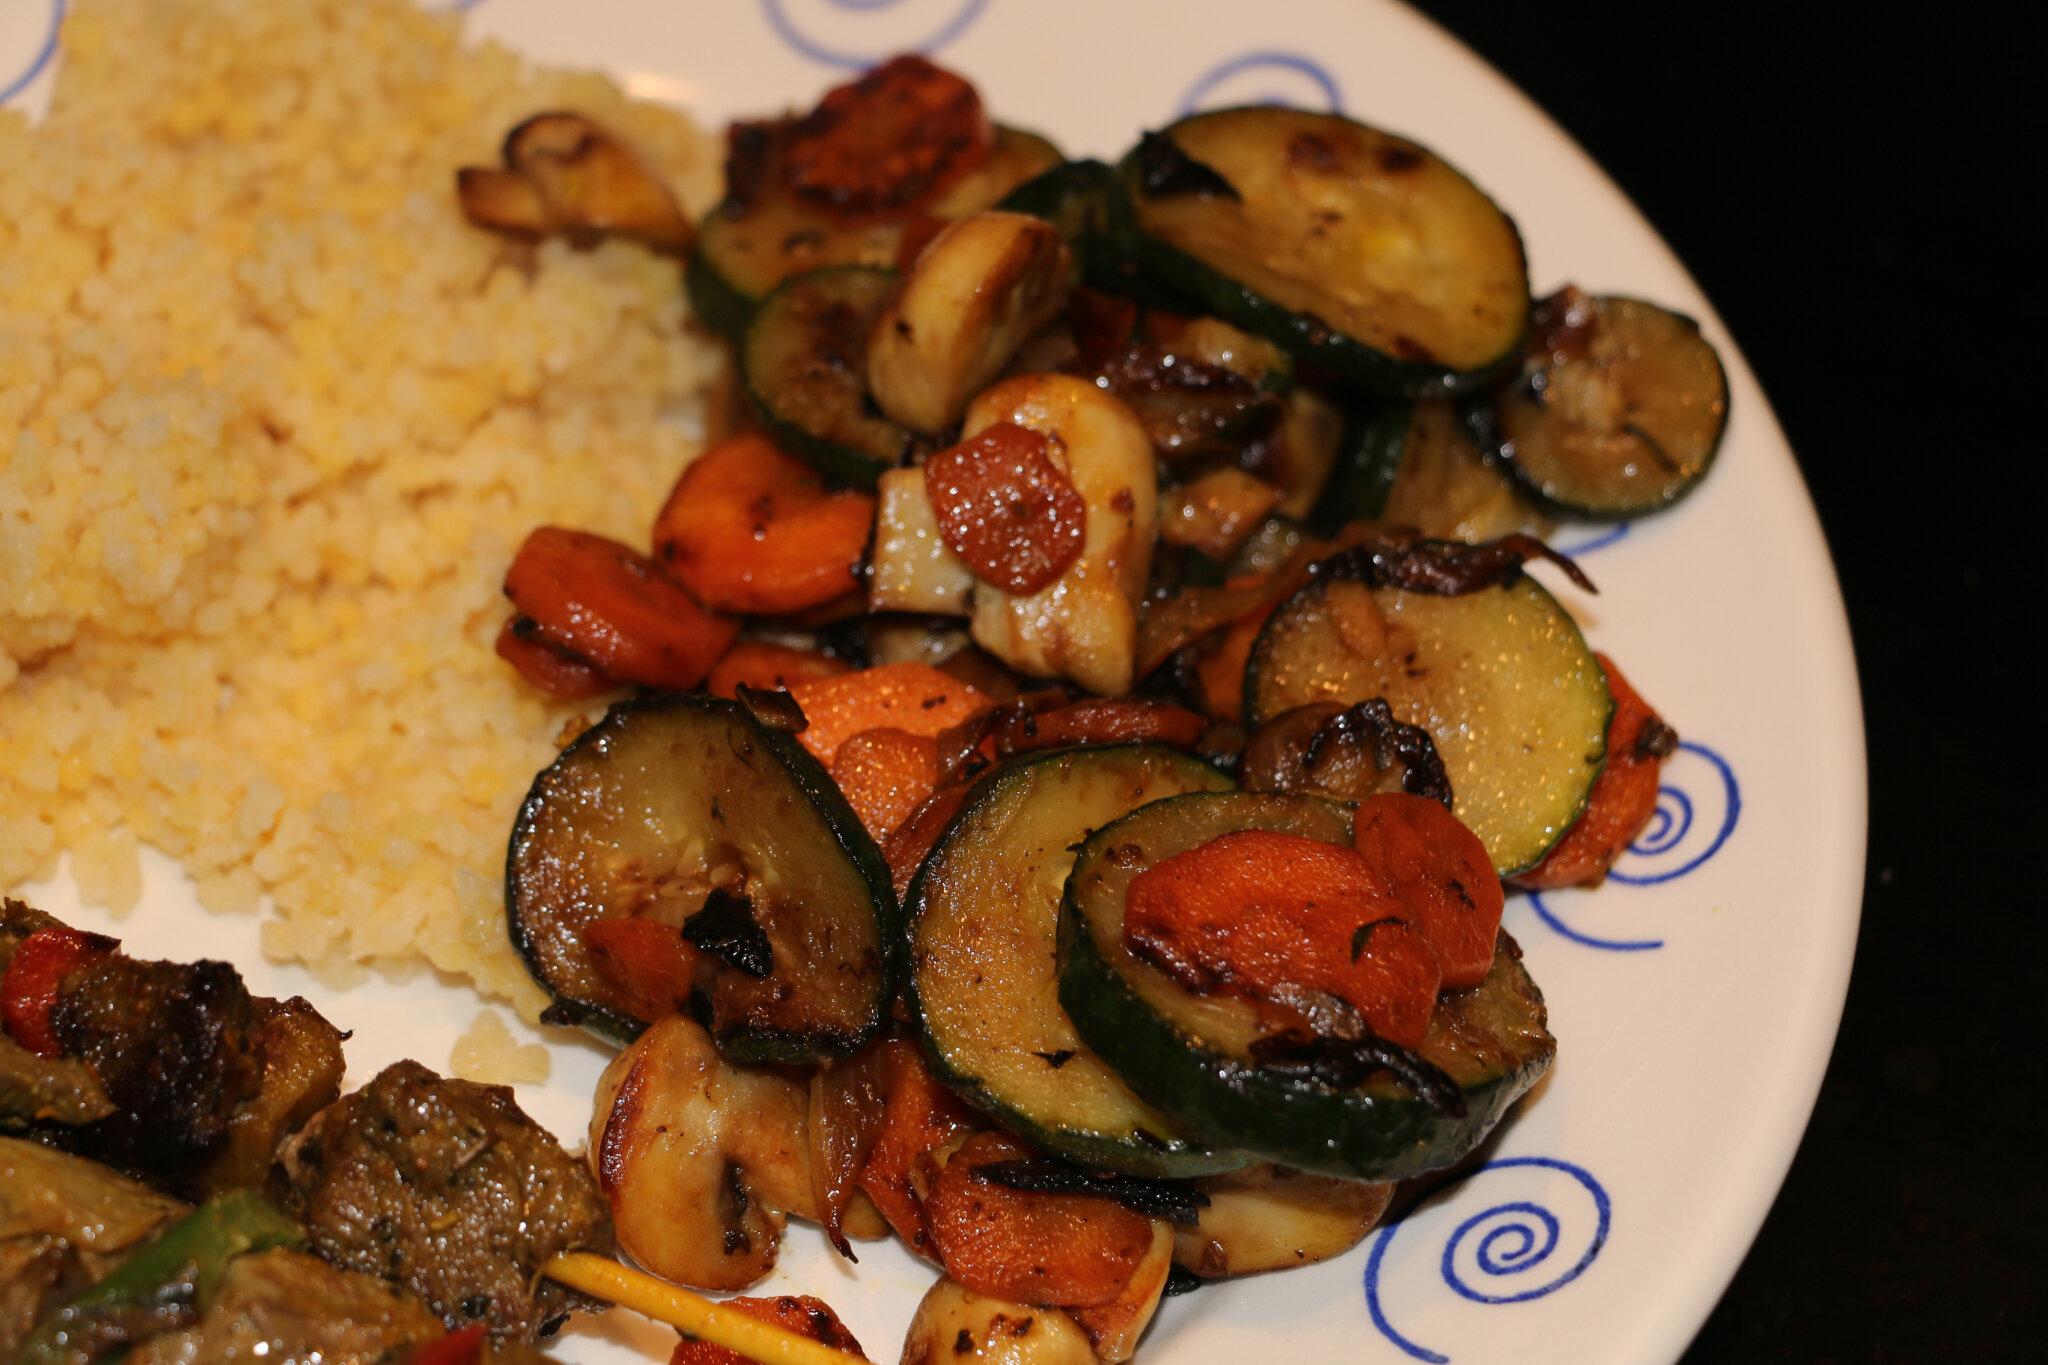 Poêlée de légumes à la plancha